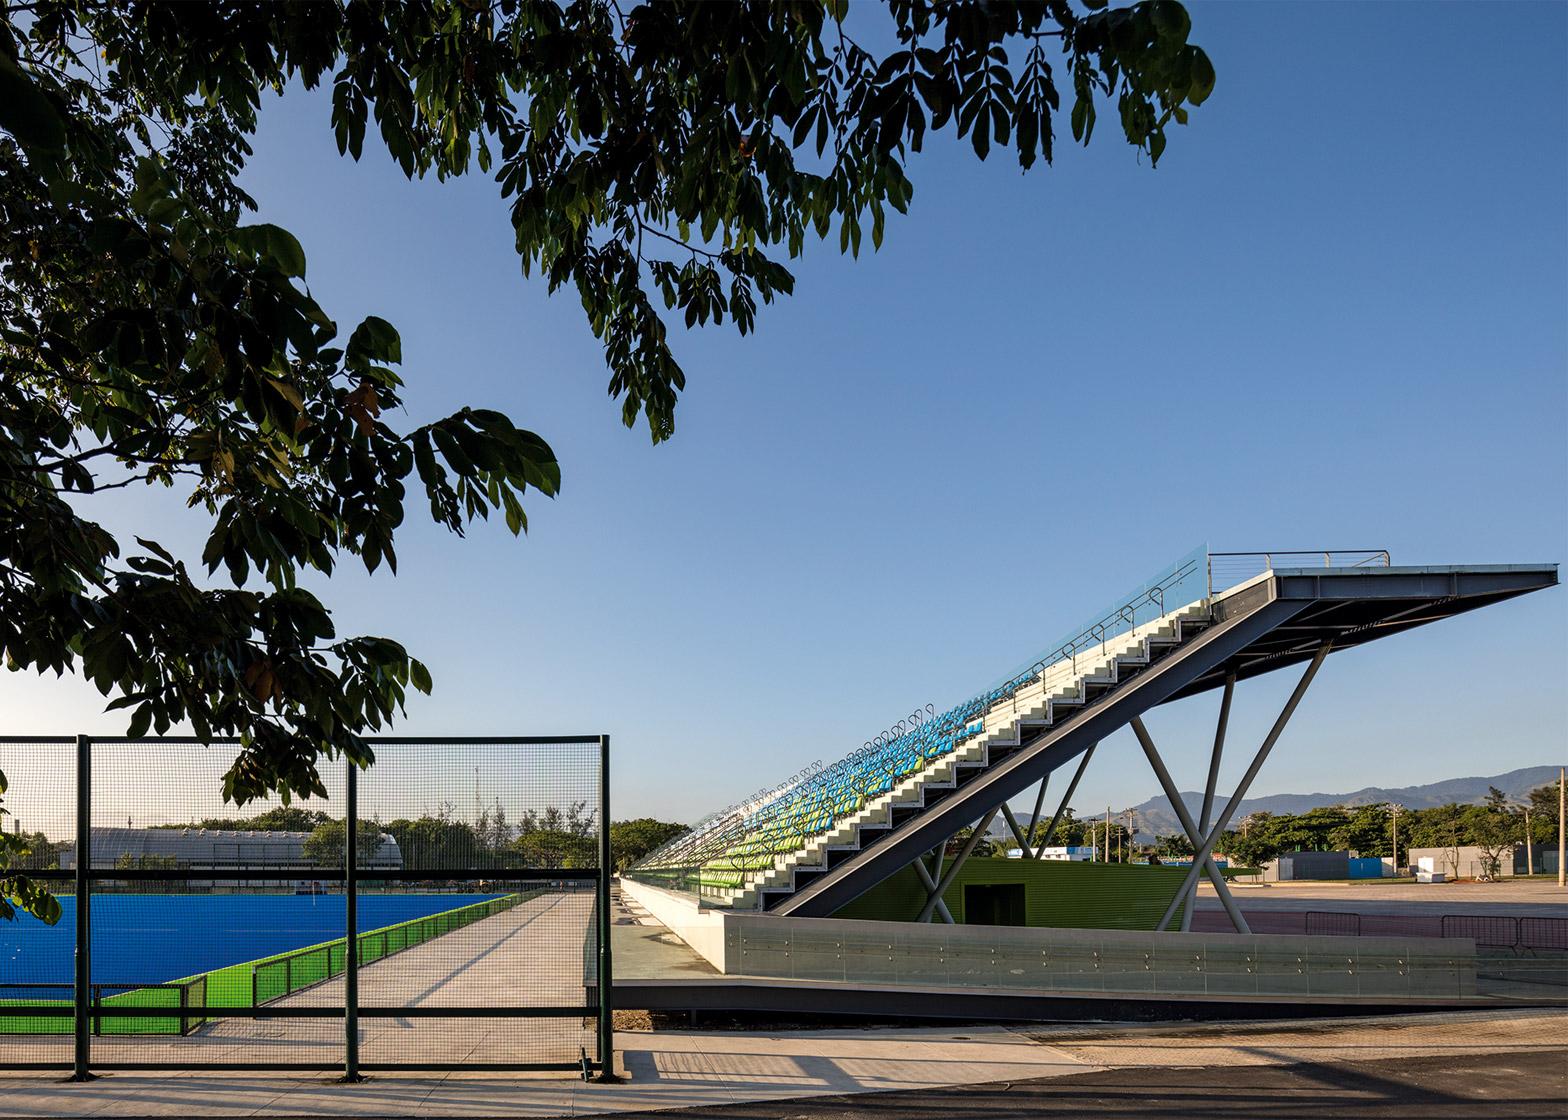 Olympic Hockey Centre, Deodoro Olympic Park, by Vigliecca & Associados